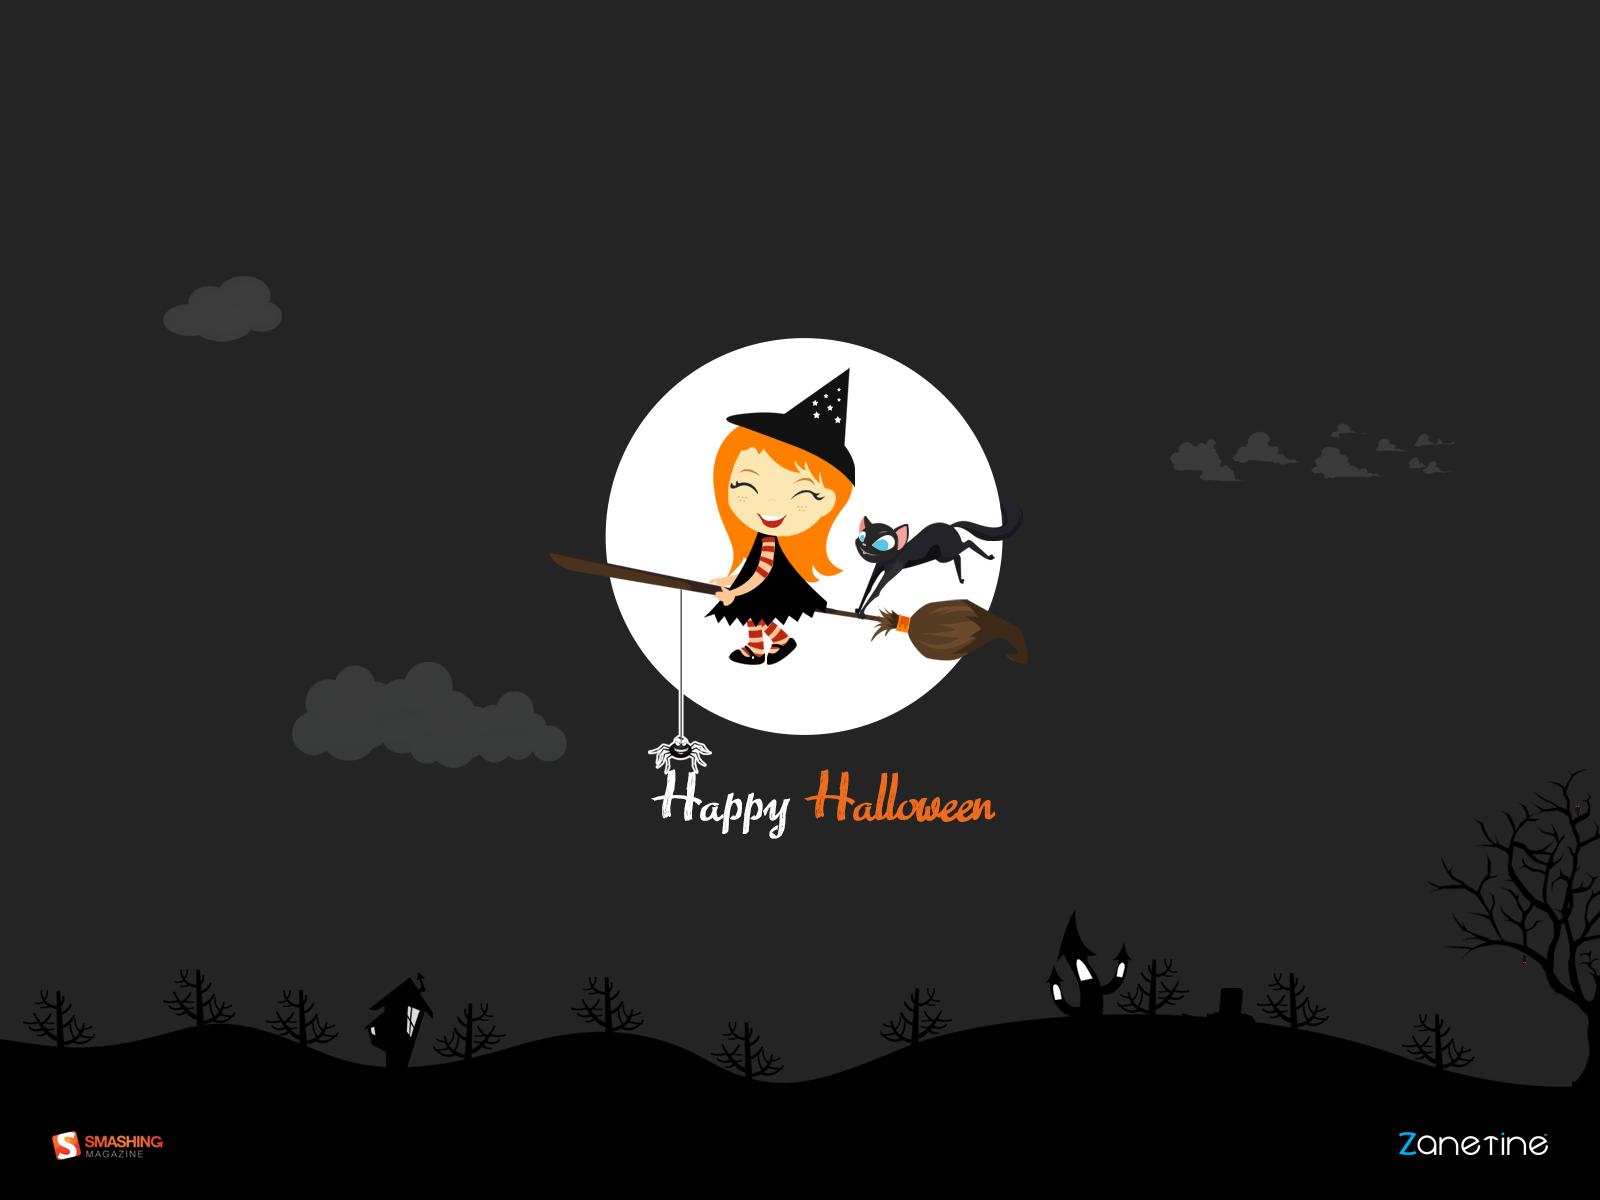 Happy Halloween Wallpaper 1600x1200 1600x1200